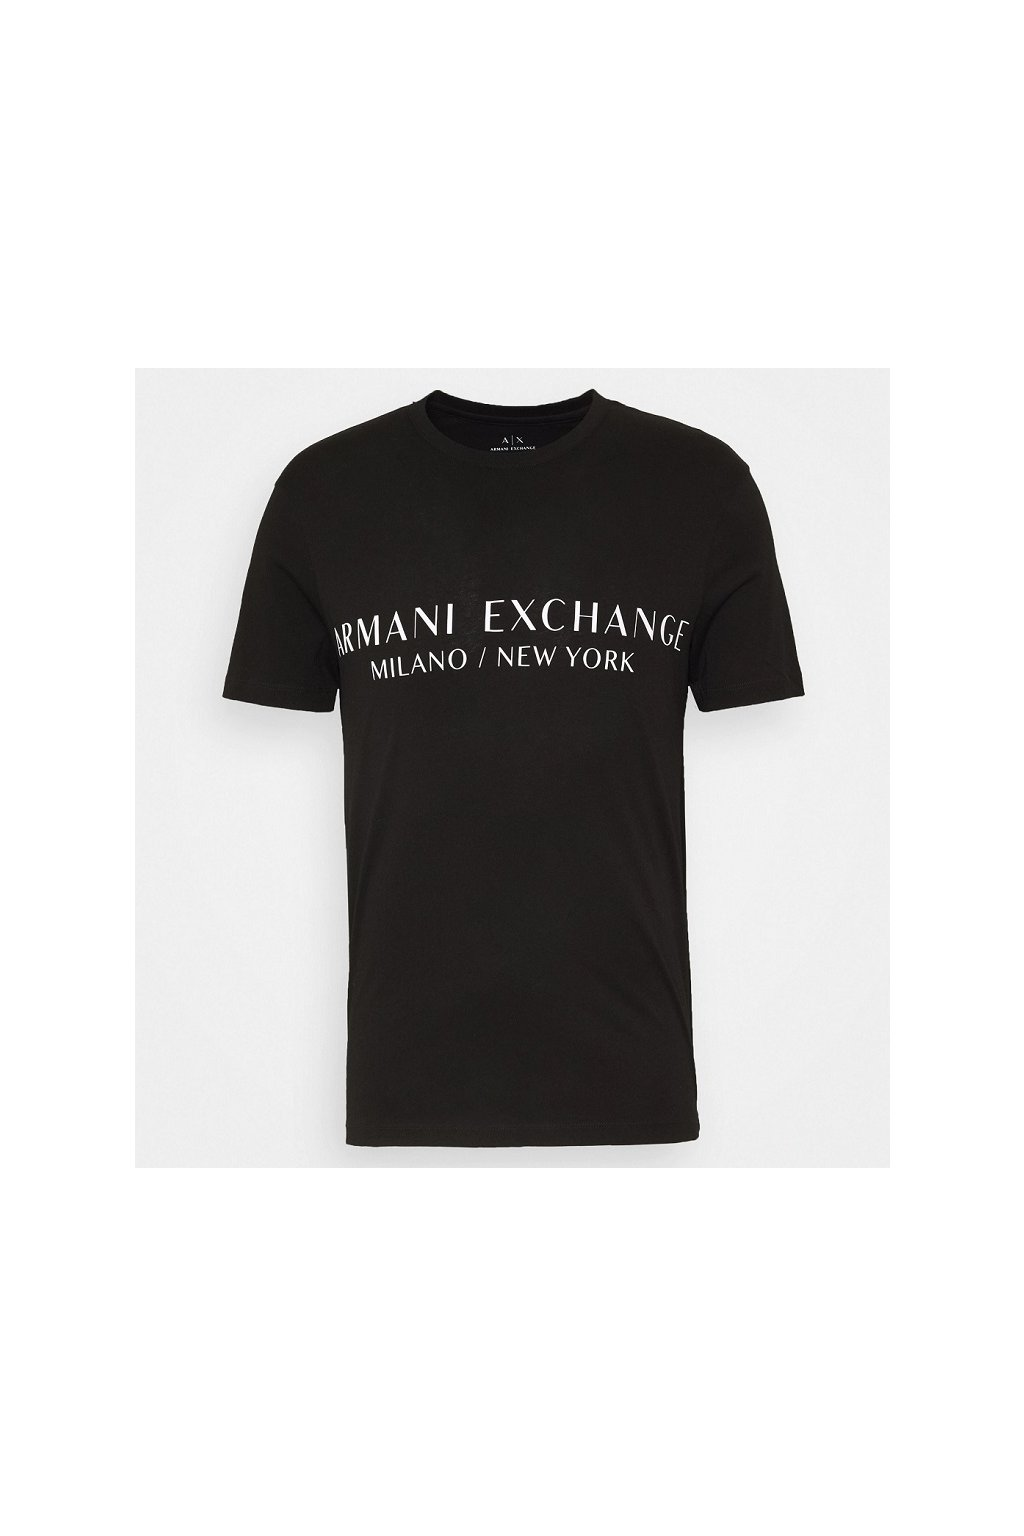 8NZT72 Z8H4Z Pánské tričko Armani Exchange černé